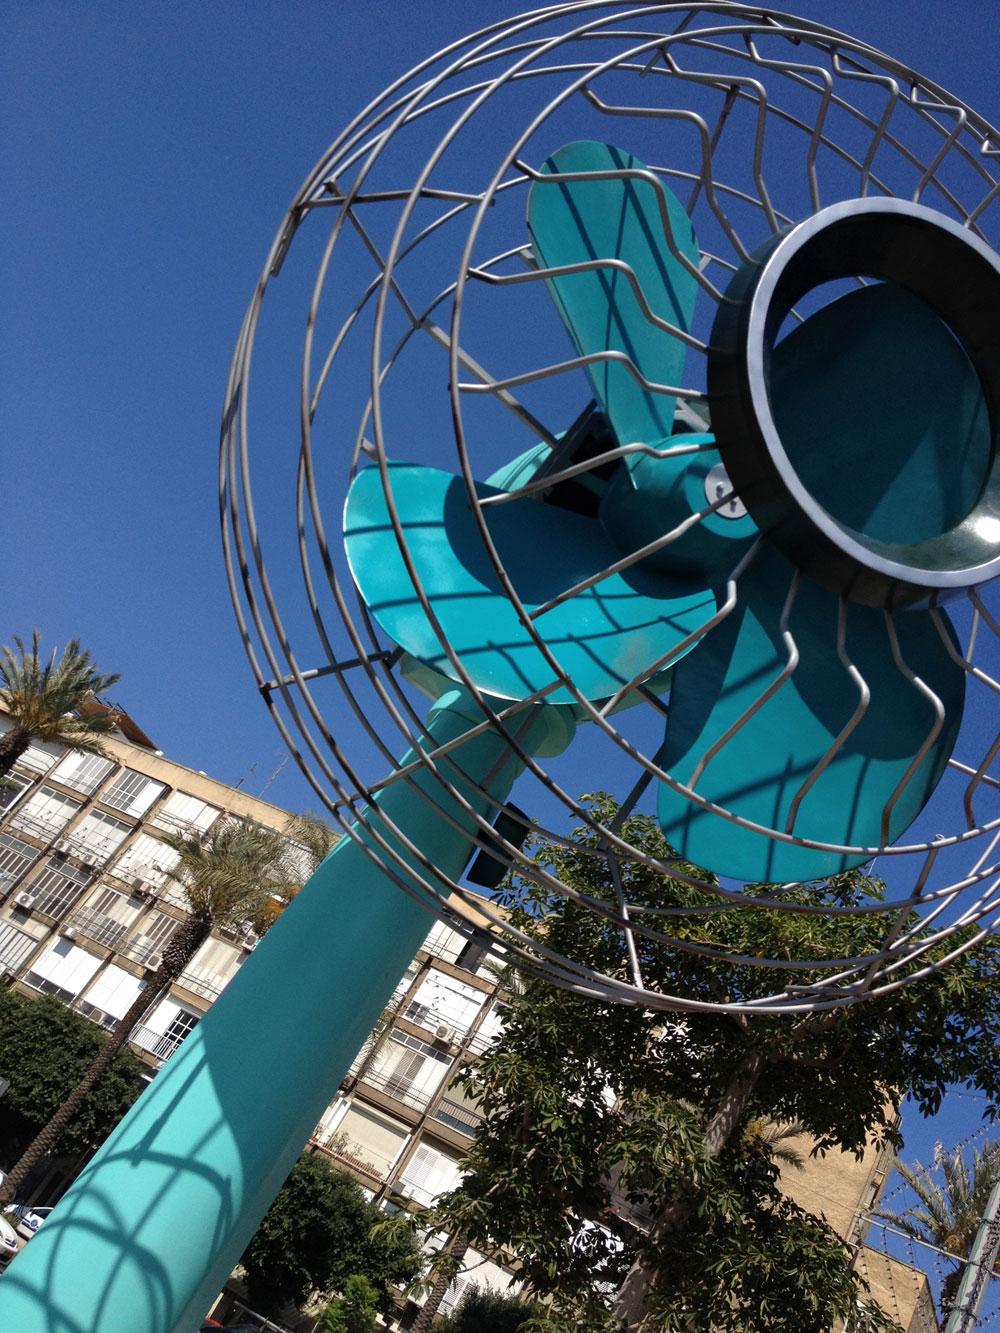 אייקון ישראלי שמוכר לכל מי שגדל כאן בשנים שקדמו לכניסת המזגנים לבתים: מאוורר ''סטאר''